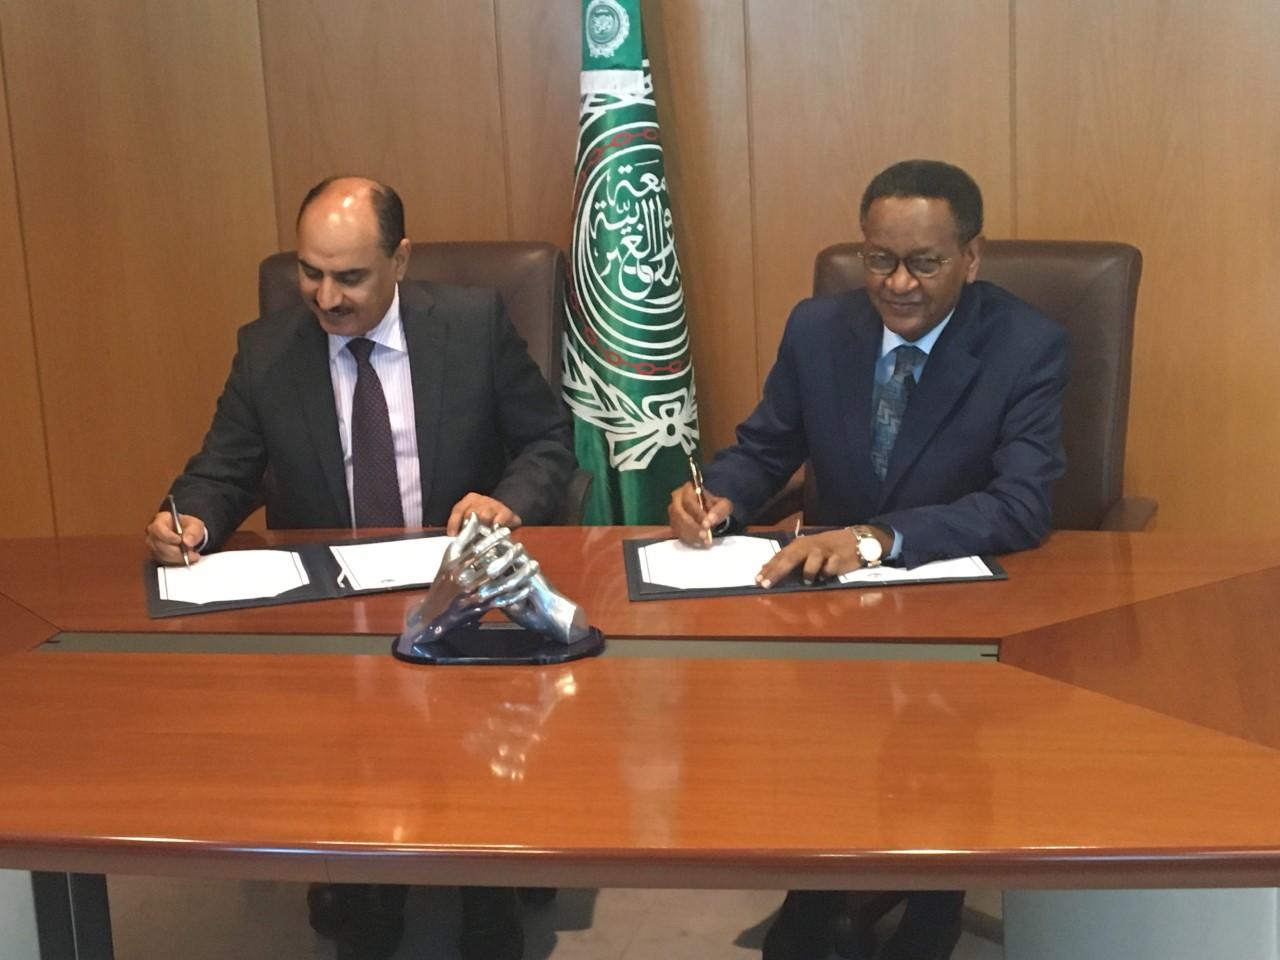 الالكسو واتحاد اذاعات الدول العربية يوقعان مذكرة شراكة اعلامية